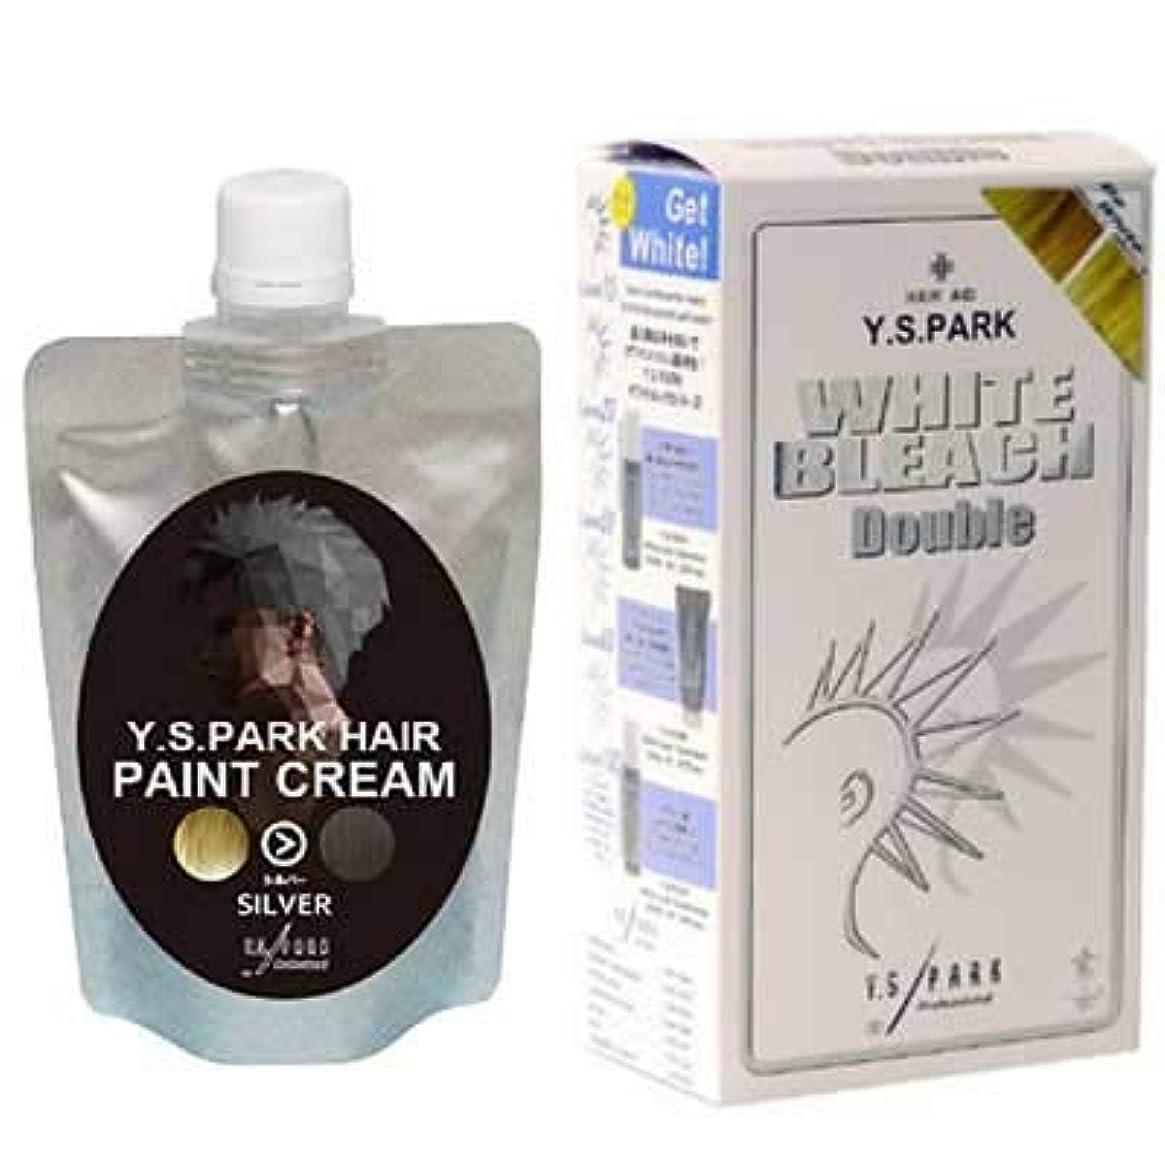 罹患率理容師シェードY.S.PARKヘアペイントクリーム シルバー 200g & Y.S.パーク ホワイトブリーチ ダブルセット